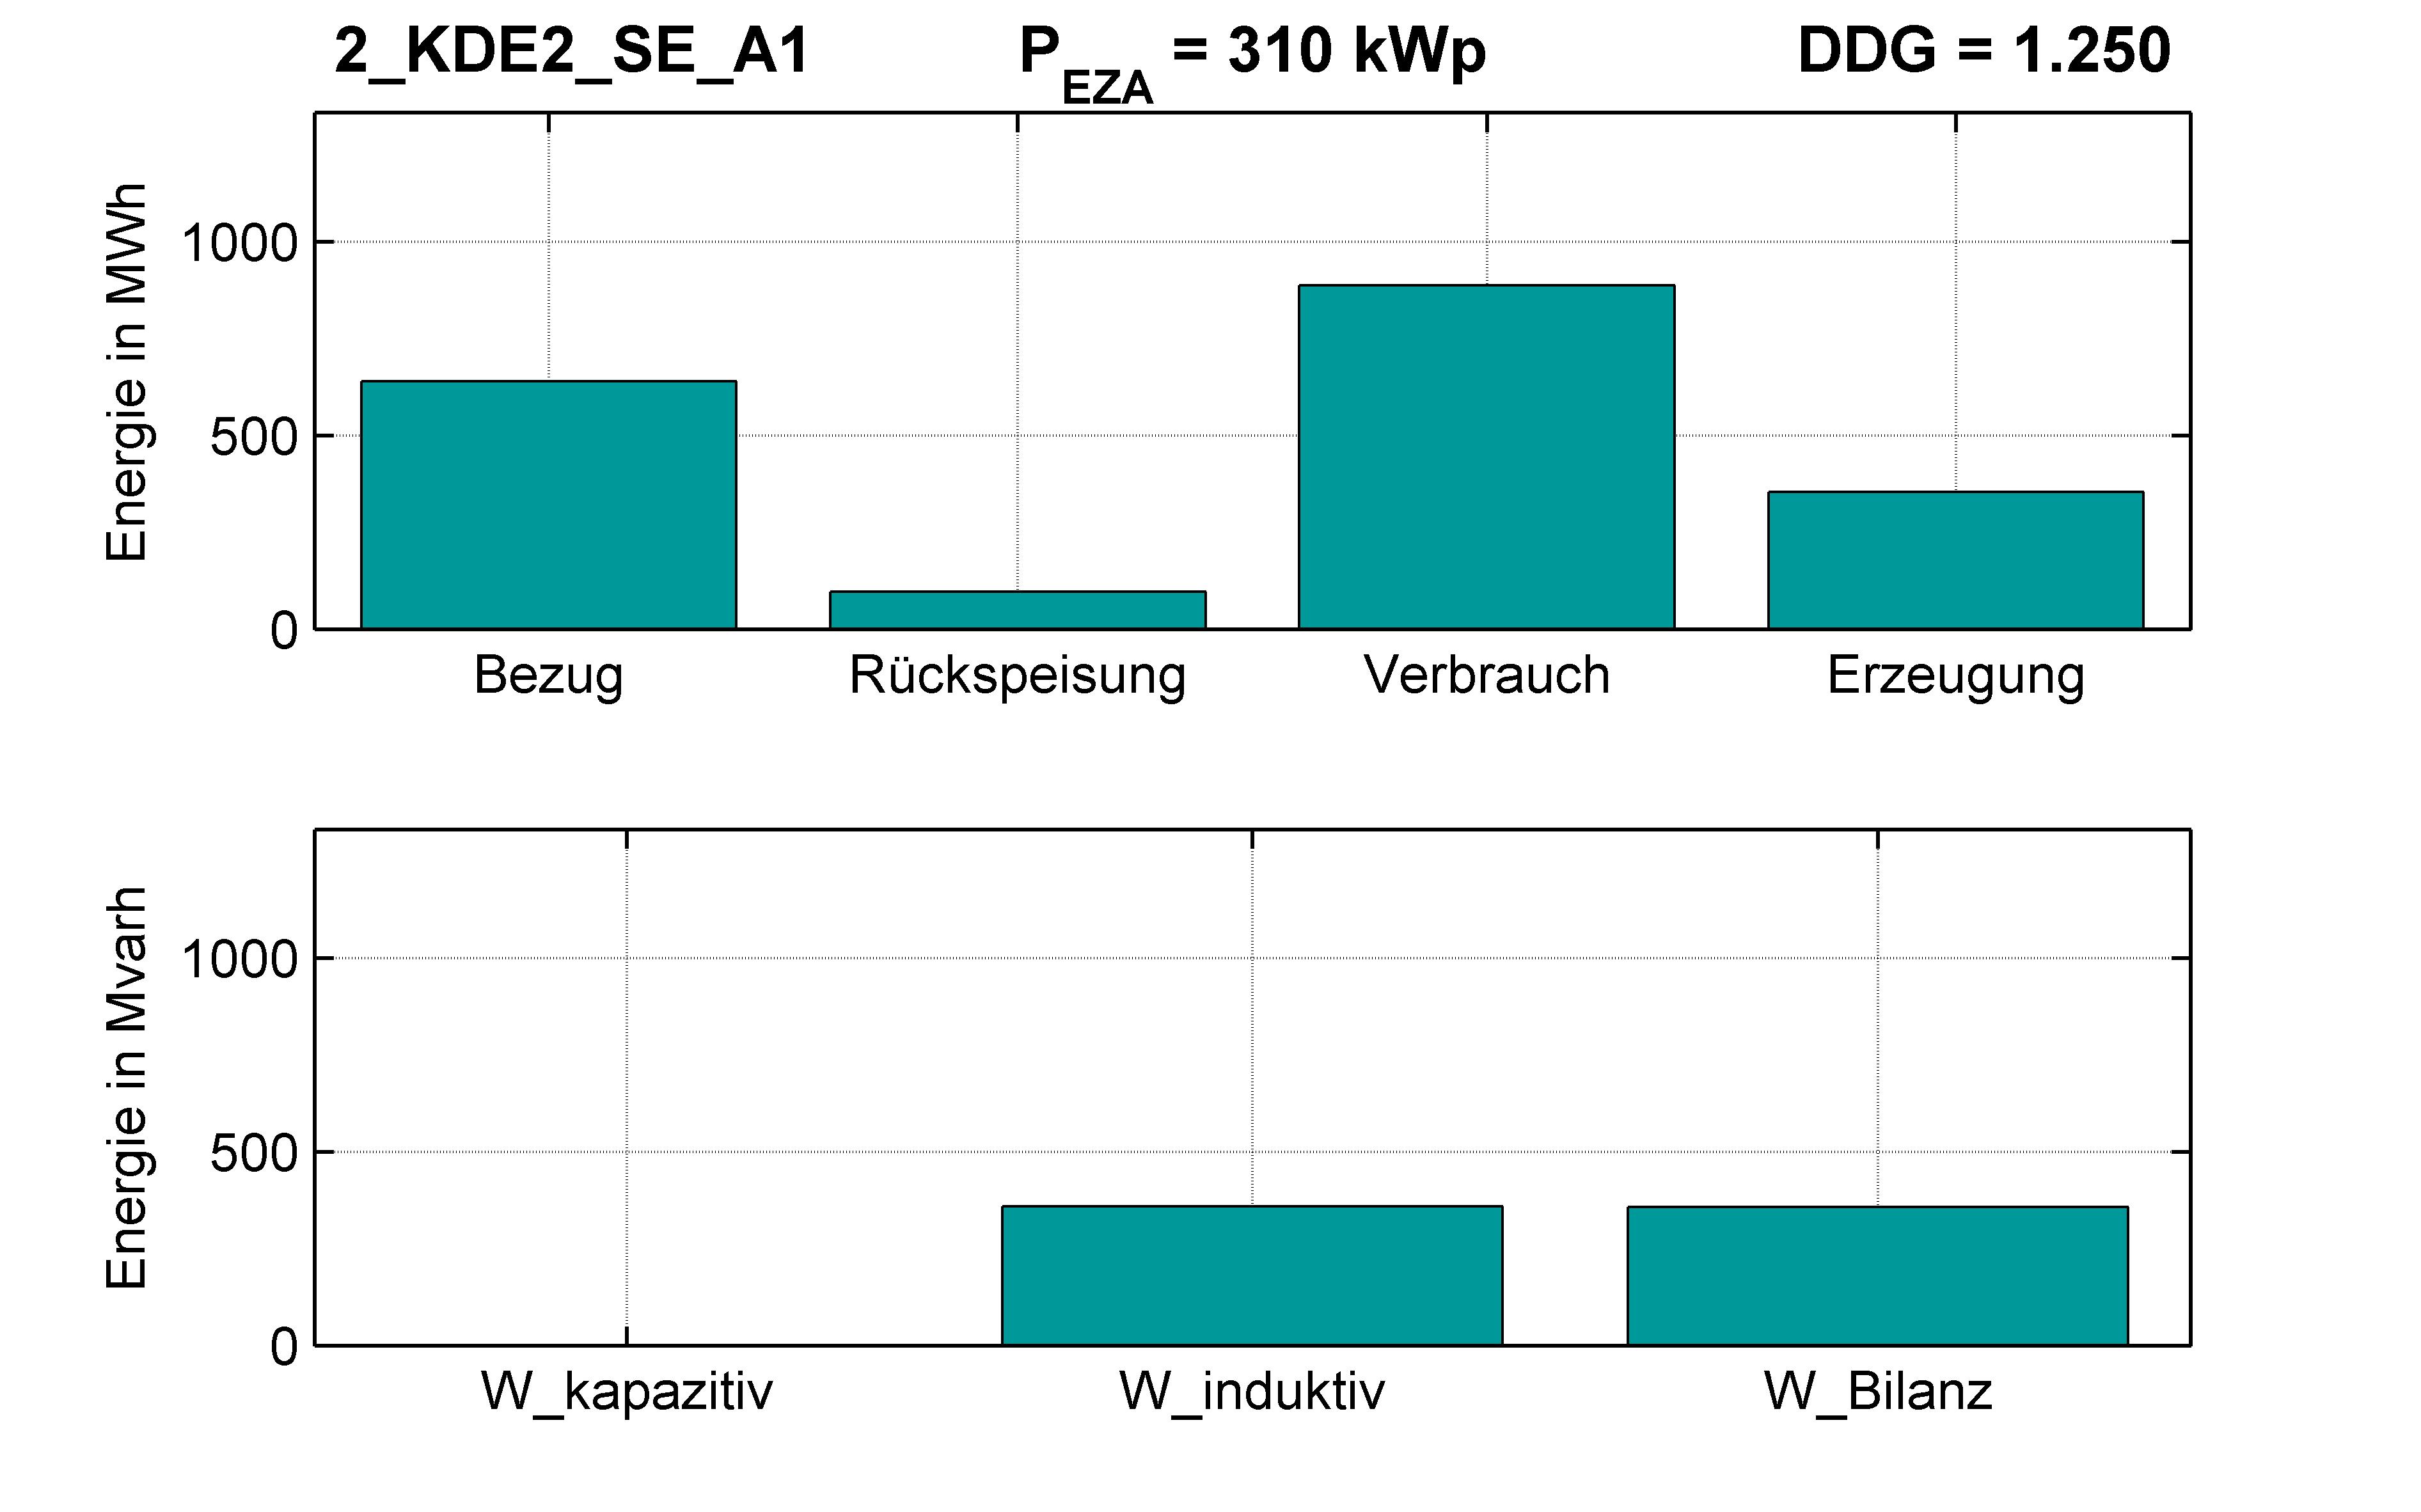 KDE2 | P-Kappung 85% (SE) A1 | PQ-Bilanz